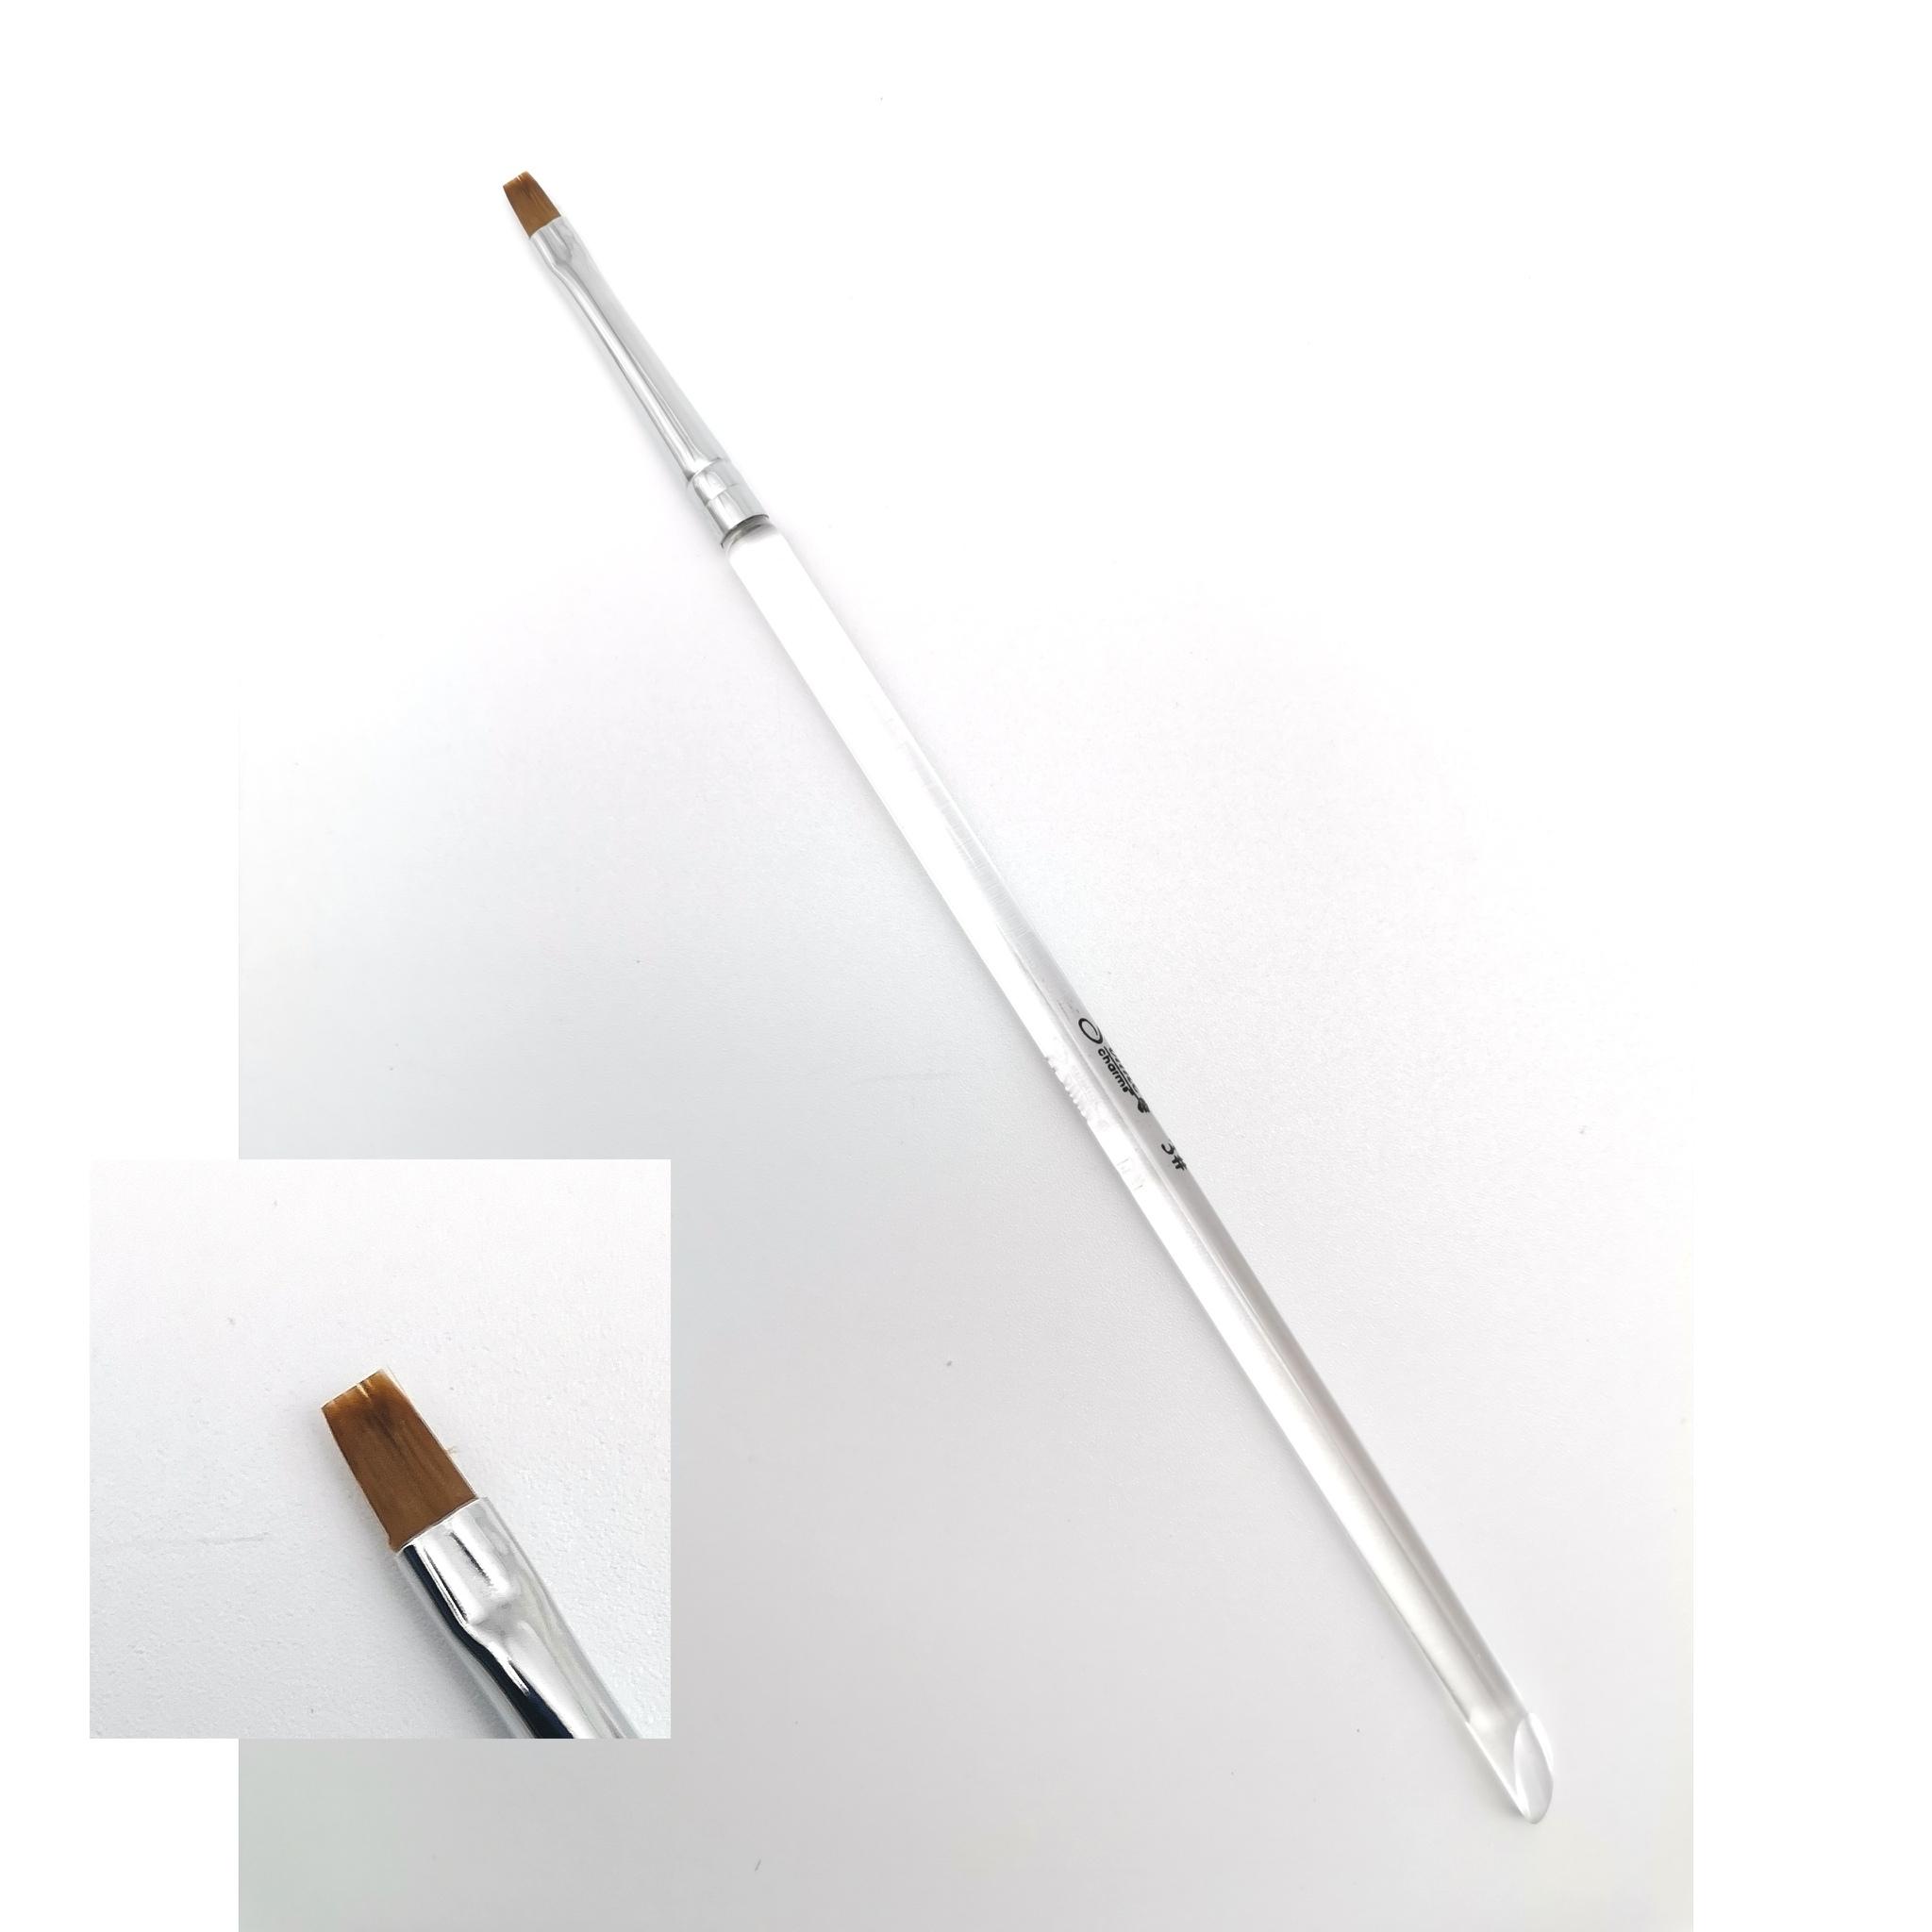 Кисть тонкая линия 5мм (без колпачка)